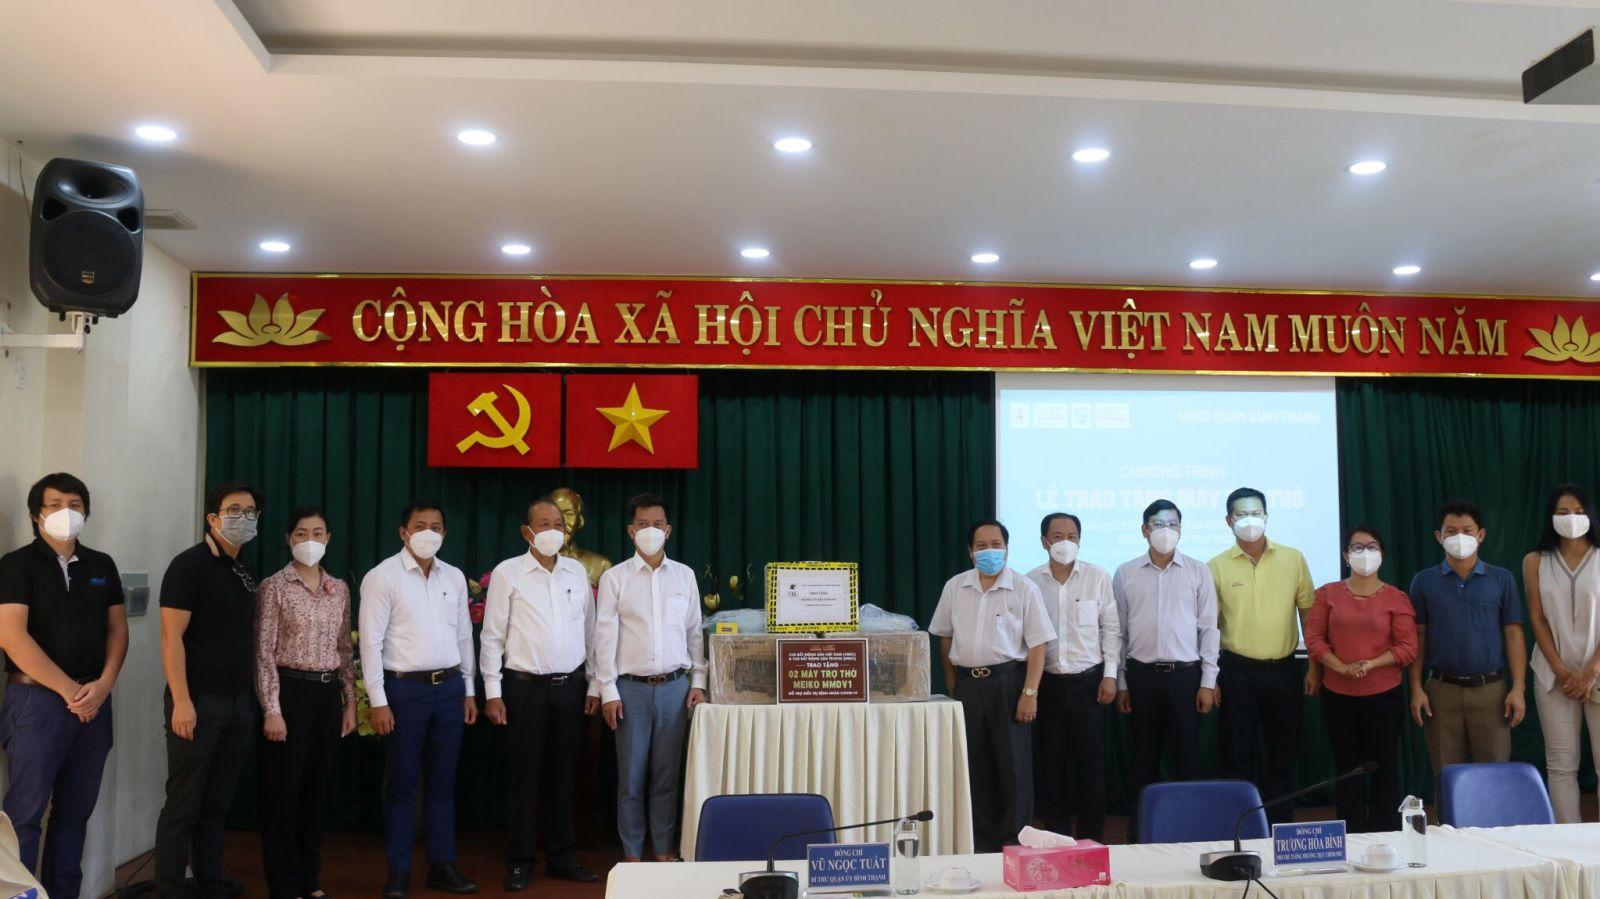 Đoàn công tác VREC & HREC trao tặng 2 máy trợ thở đầu tiên cho Bệnh viện dã chiến quận Bình Thạnh